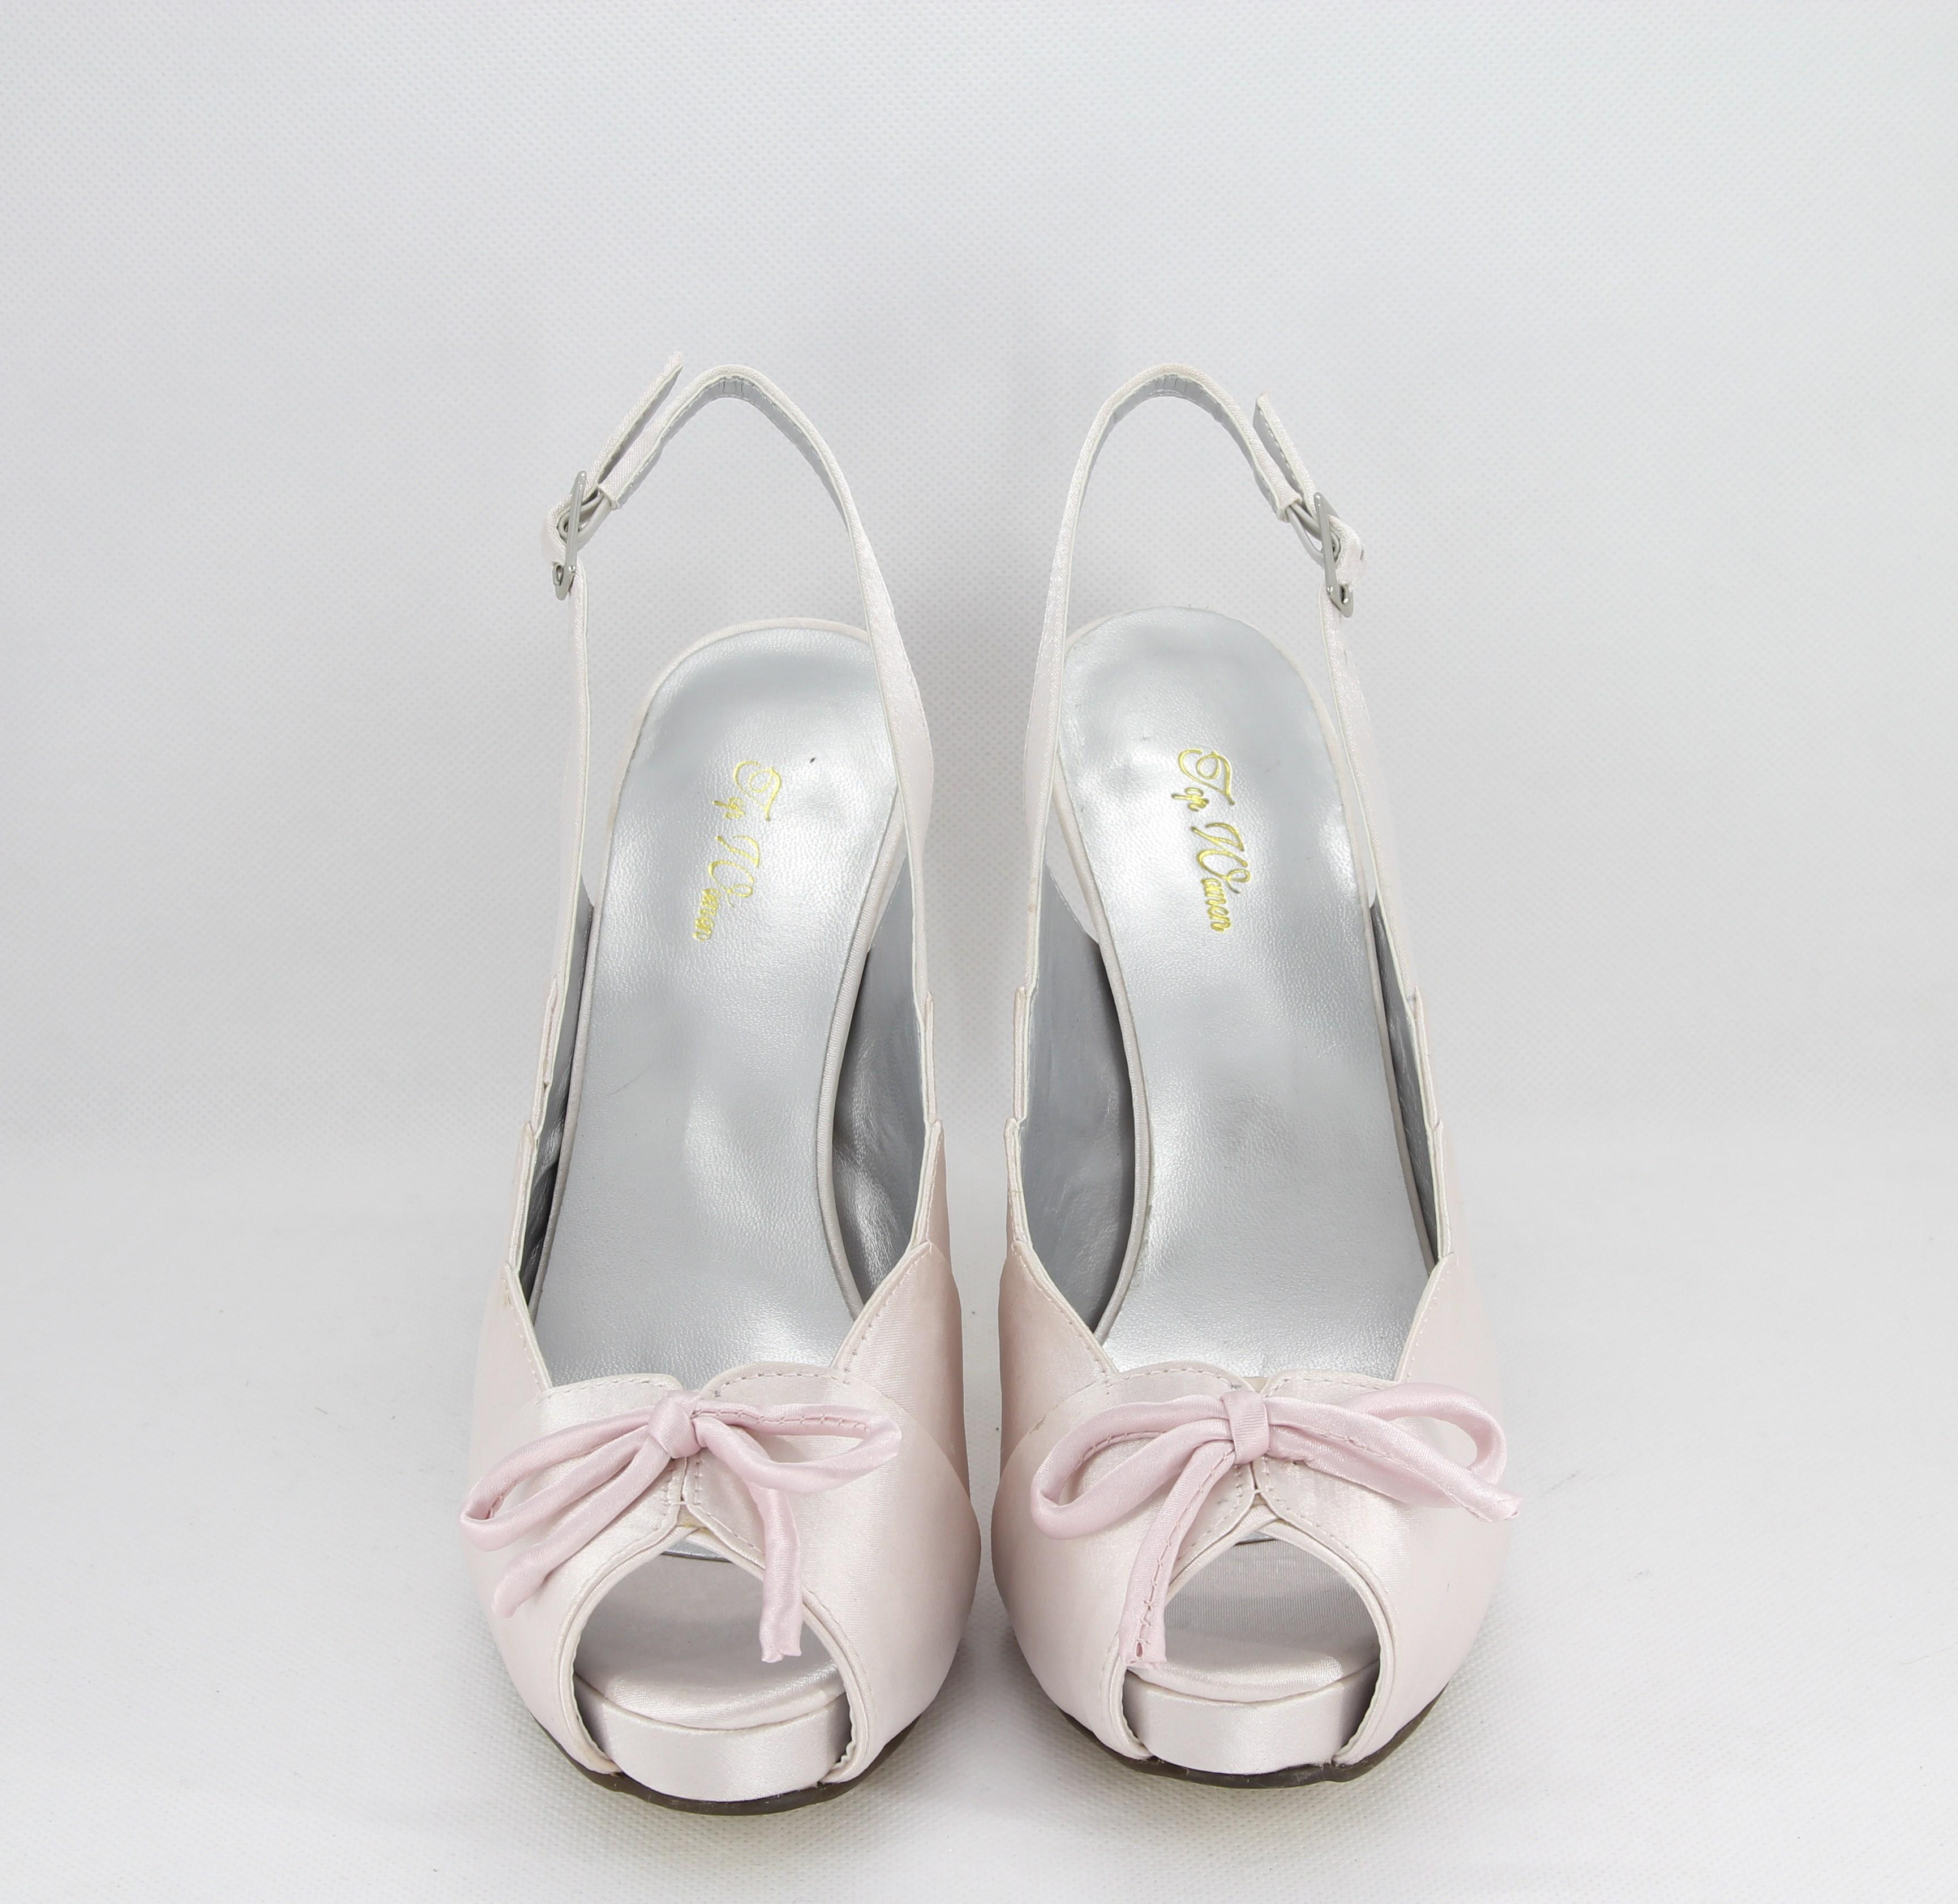 Sandalo donna elegante da cerimonia in tessuto di raso rosa con fiocco e cinghietta regolabile  Art. Z230021